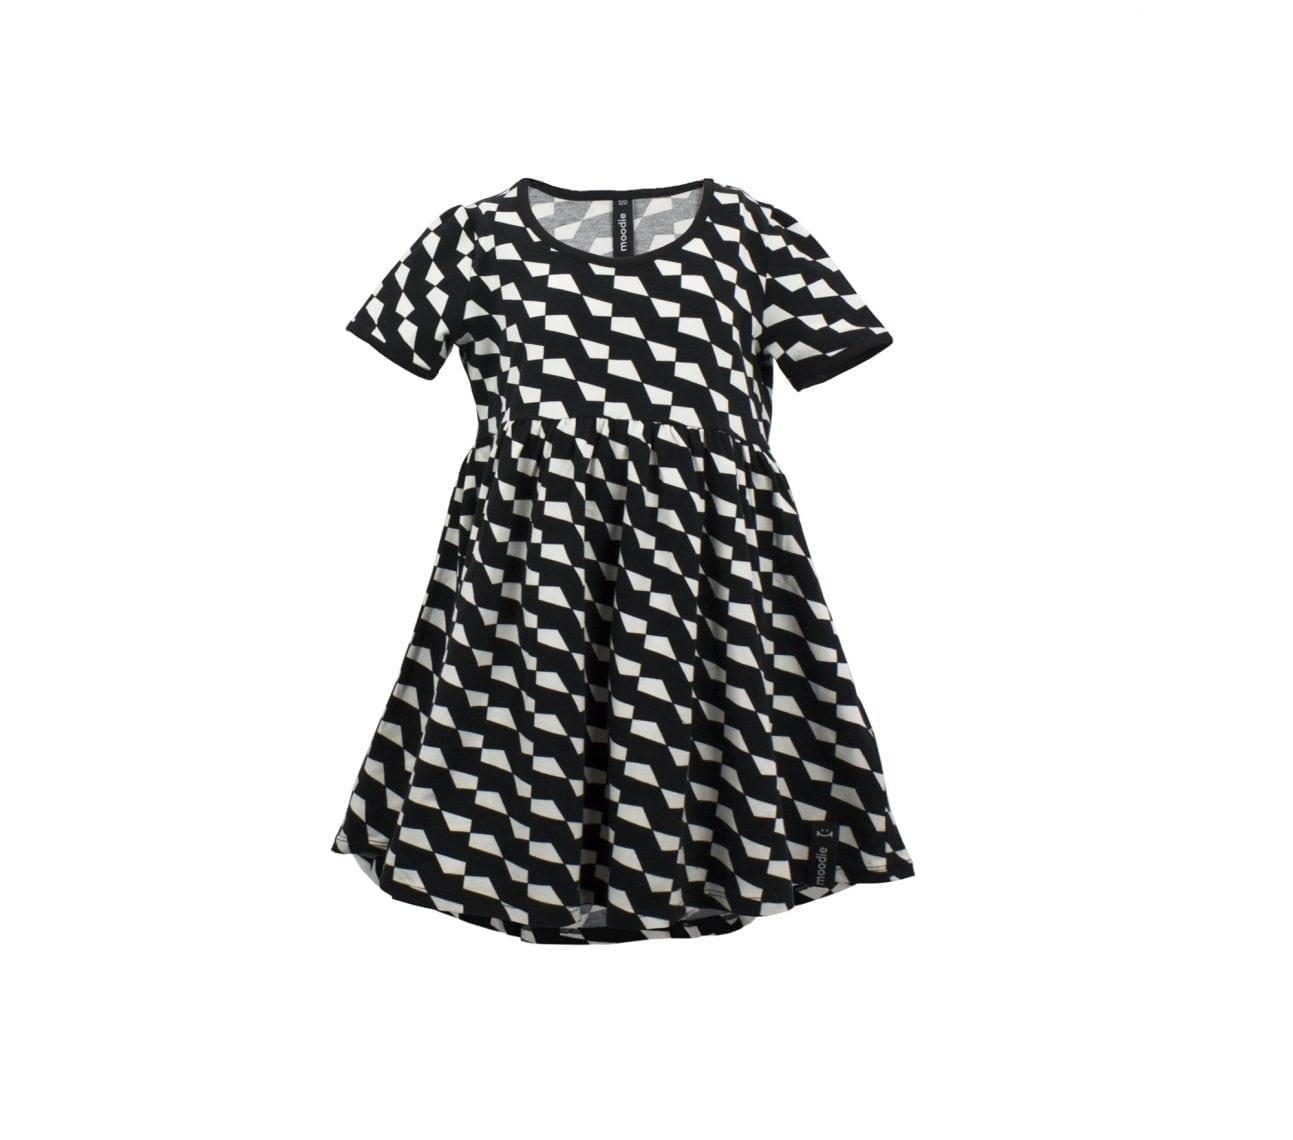 Klänning barn kortärmad svartvit mönstrad – Harley